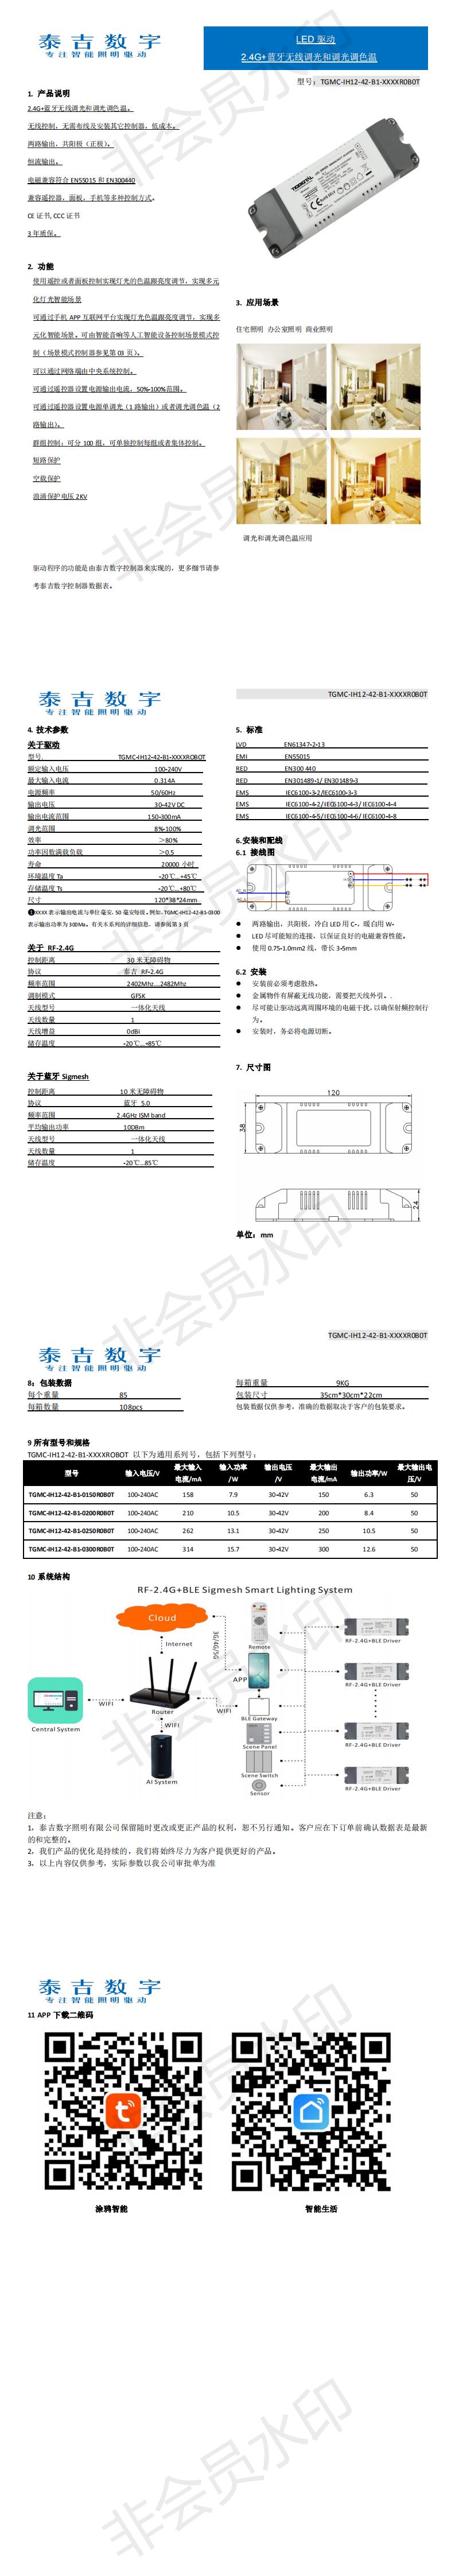 智胜认证版12WSigmesh-2.4G中文规格书_0